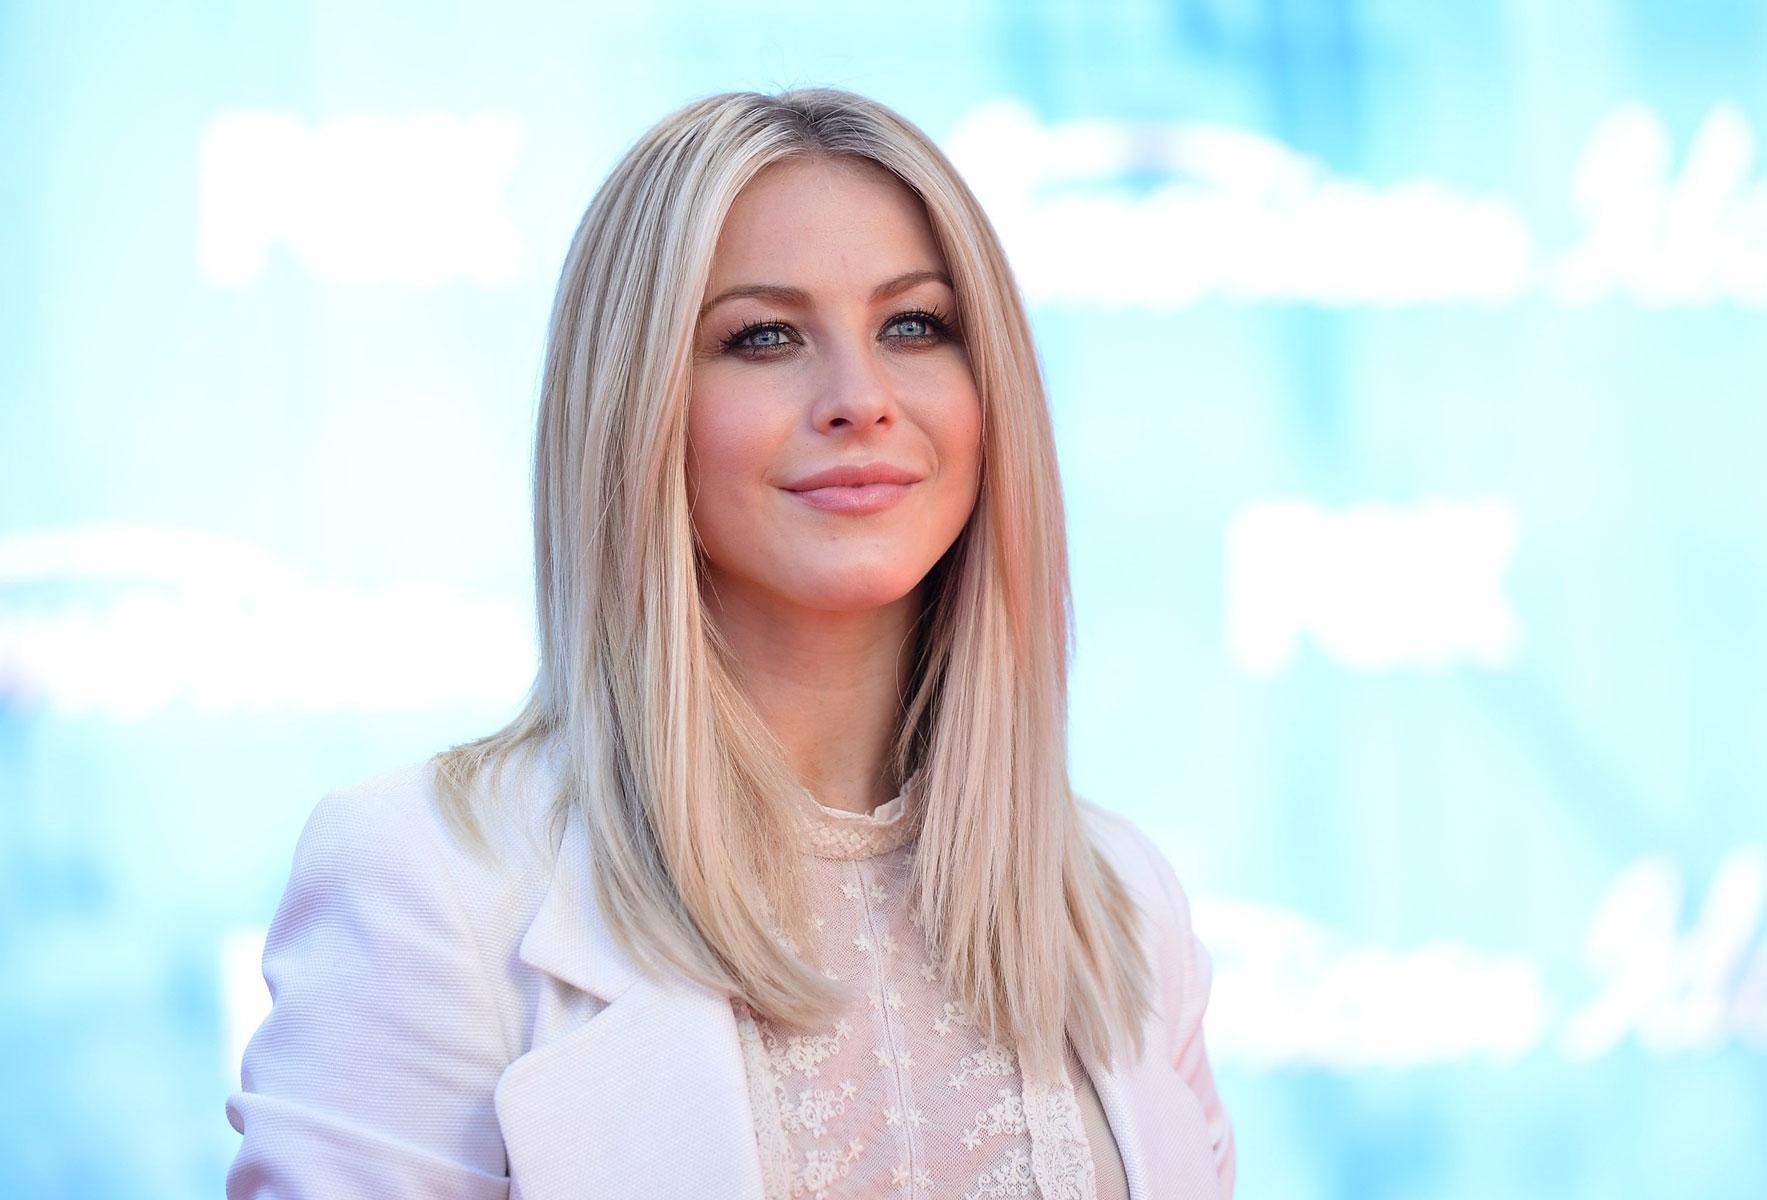 Прическа на длинные волосы на прямые волосы средней длины